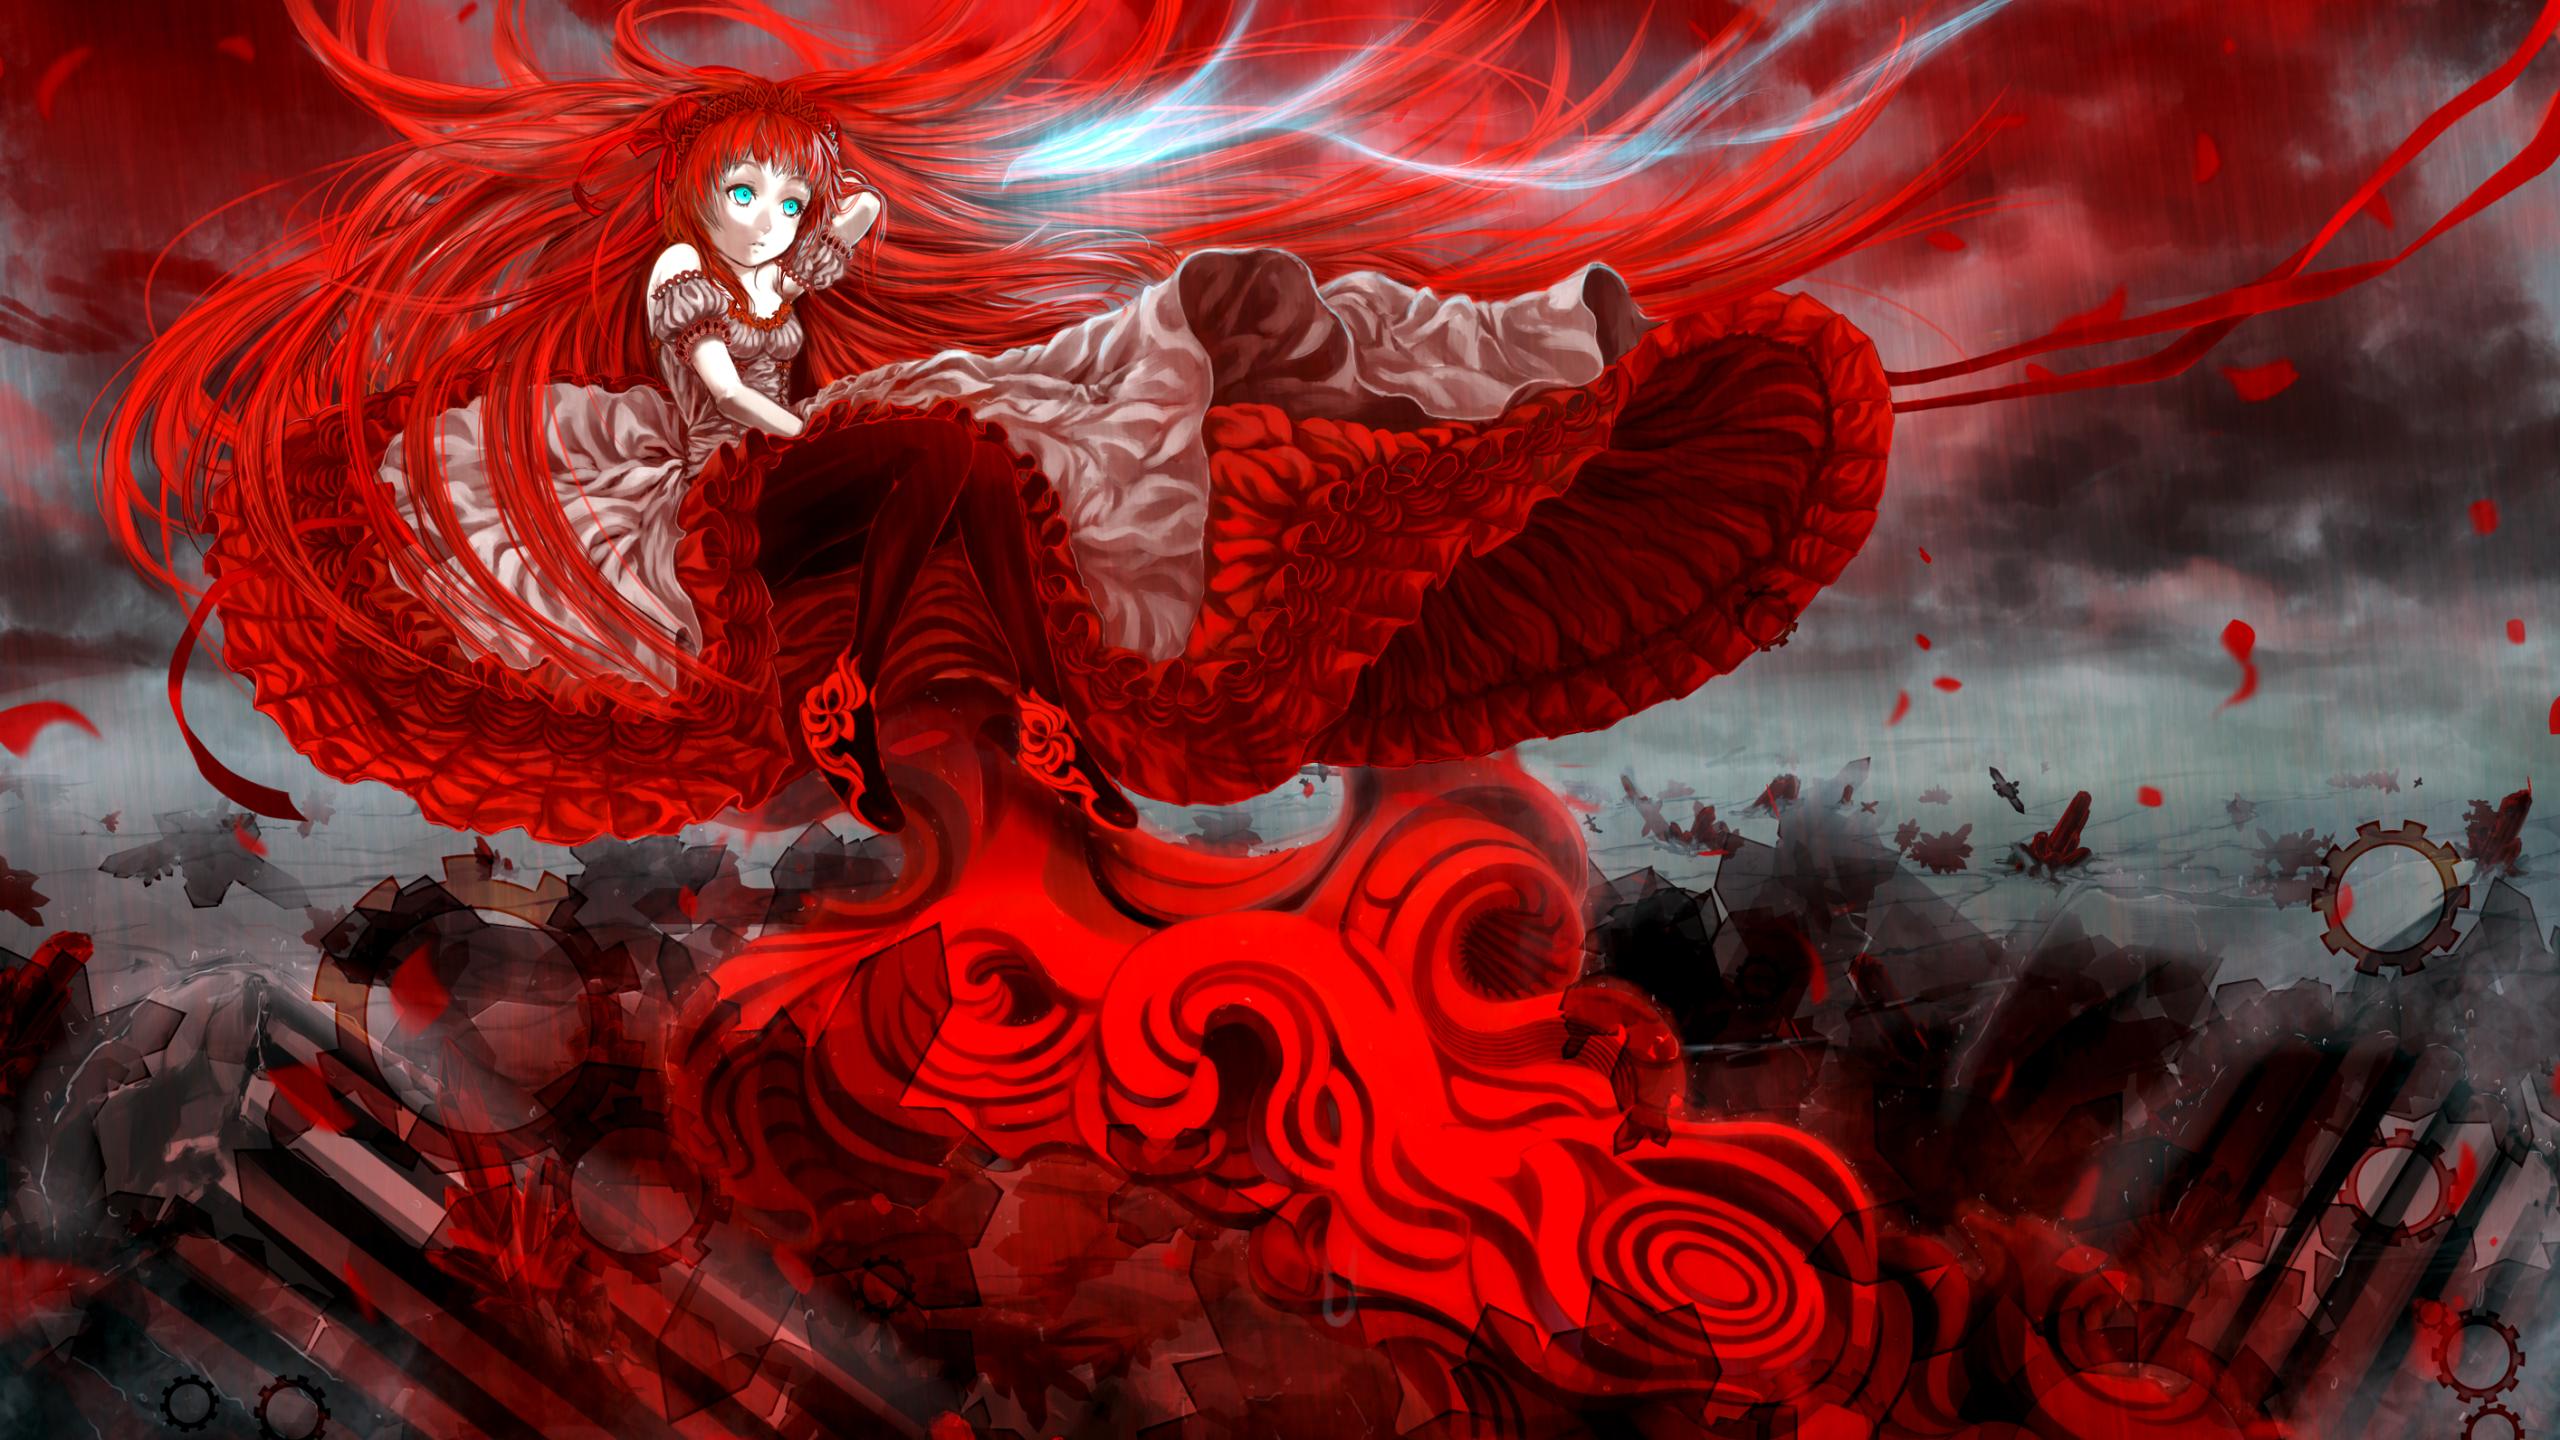 赤いテーマのアニメの女の子 アニメのテーマの壁紙 2560x1440 Wallpapertip